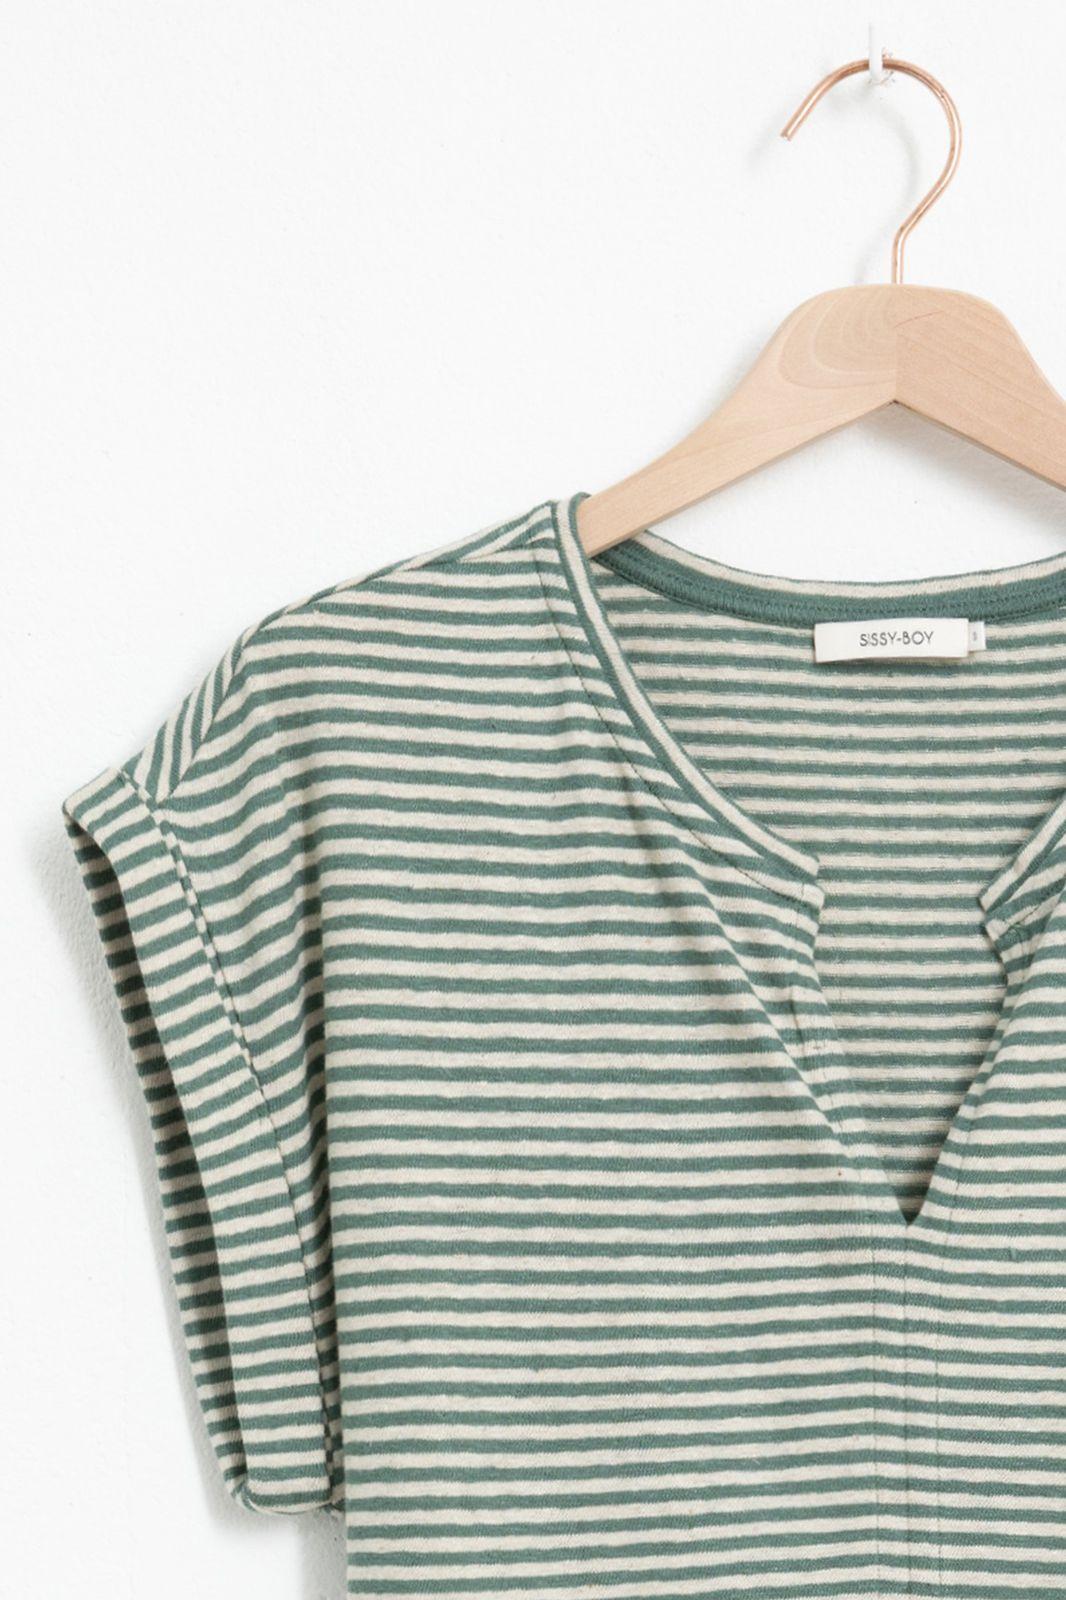 Groen T-shirt gestreept